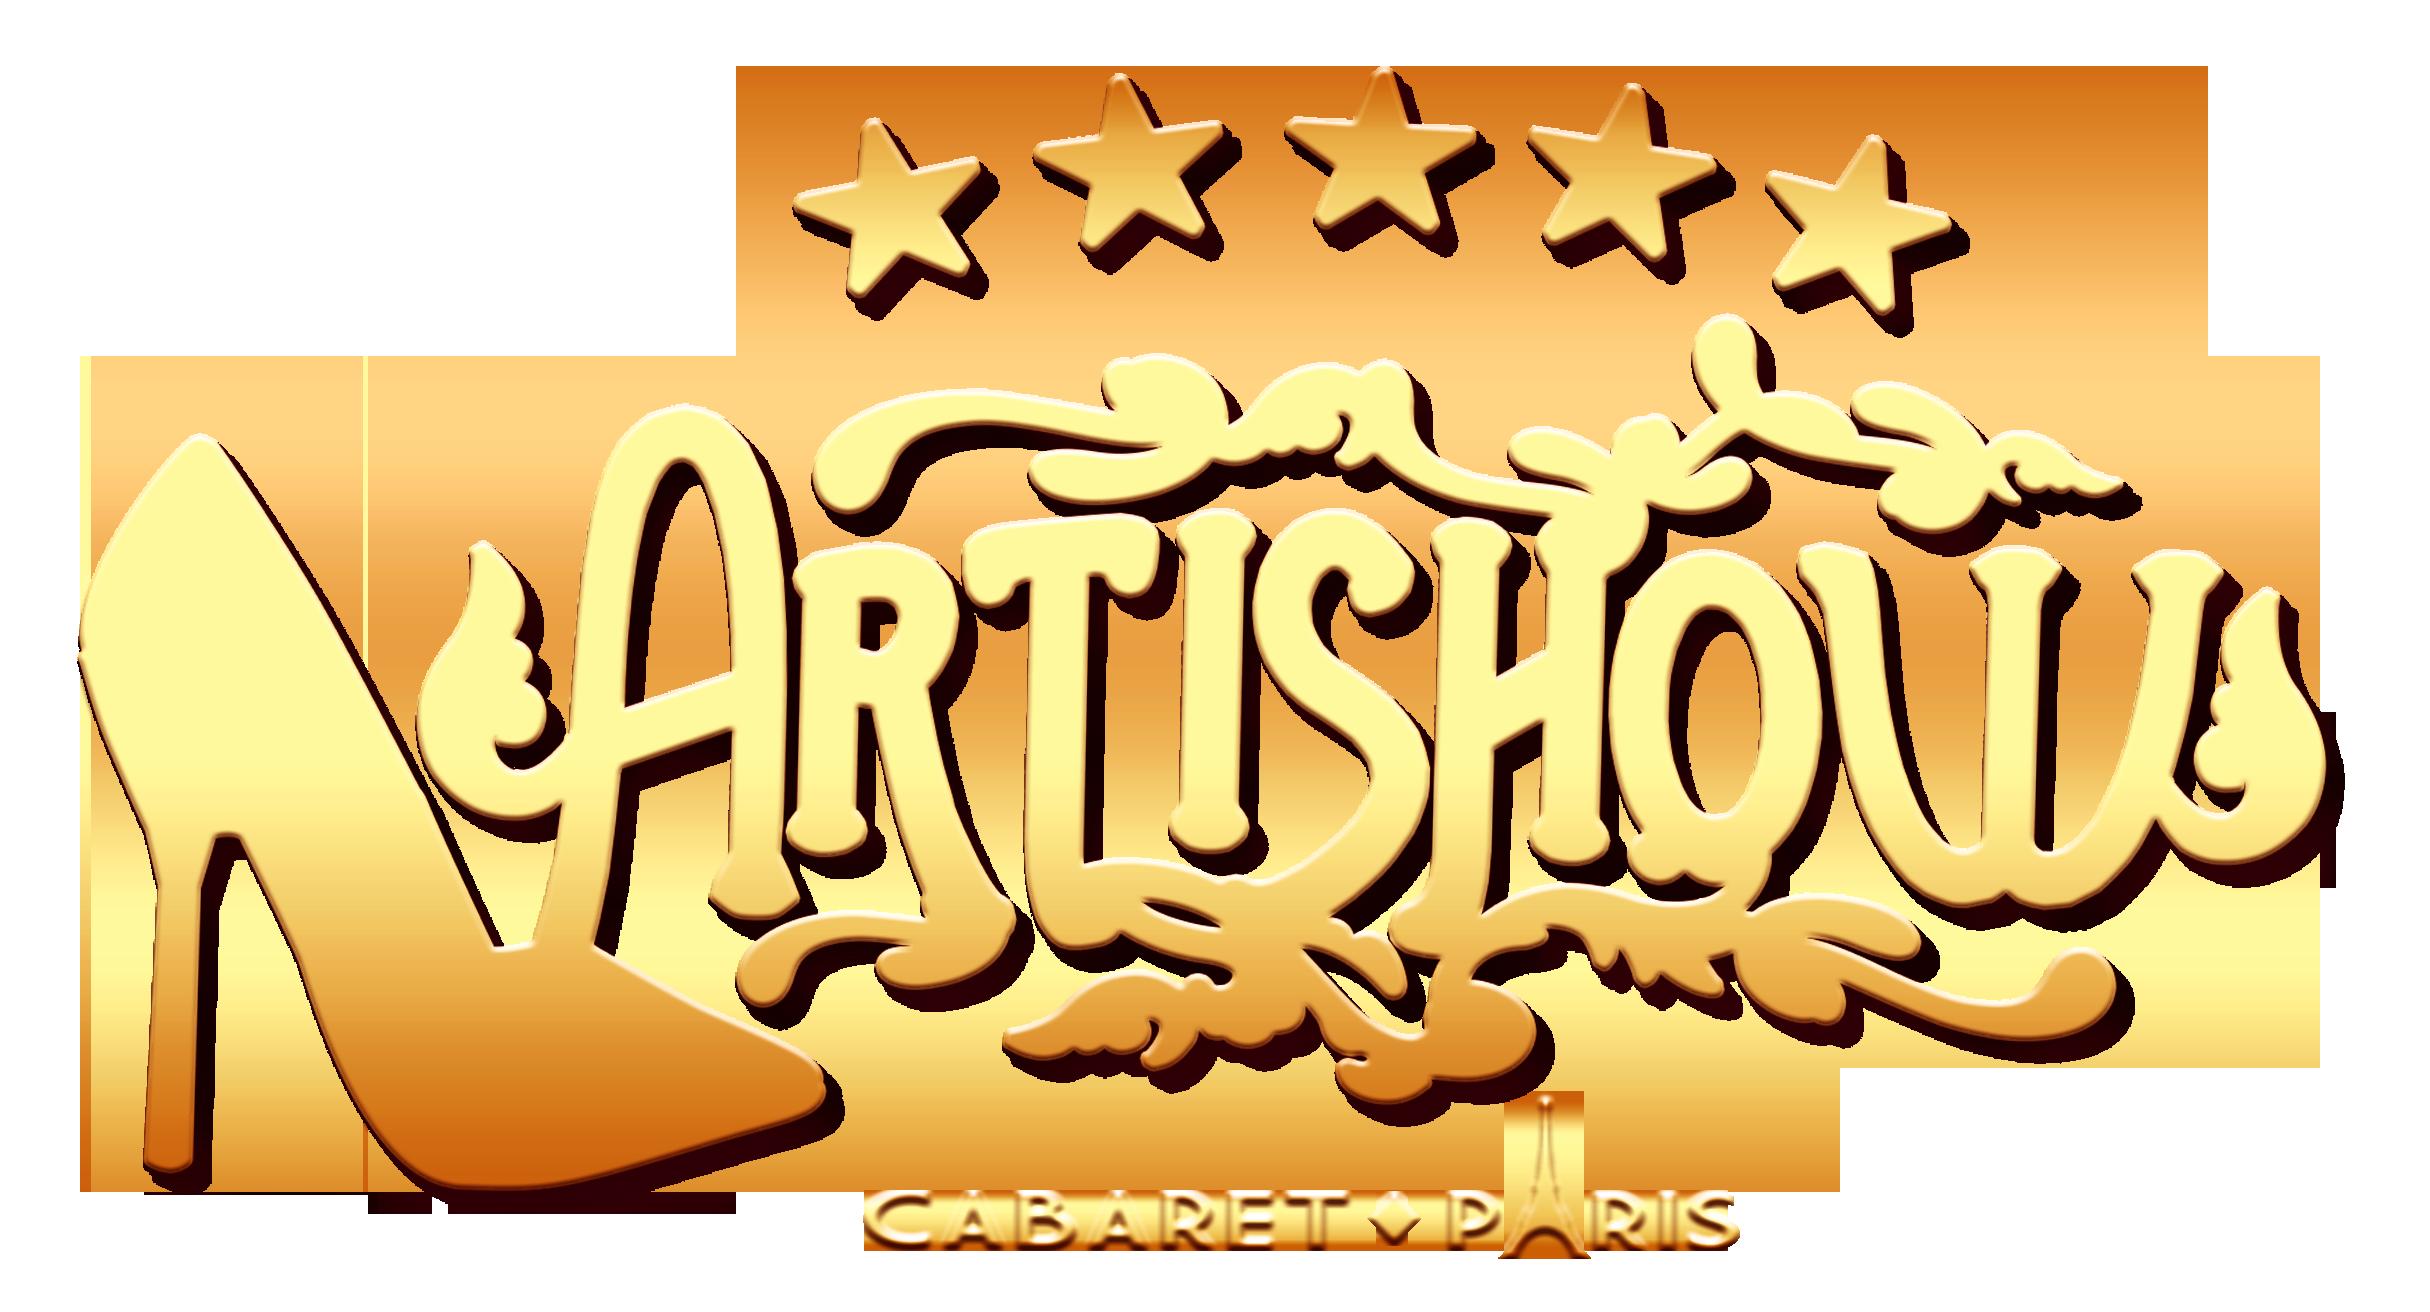 Artishow Cabaret Logo